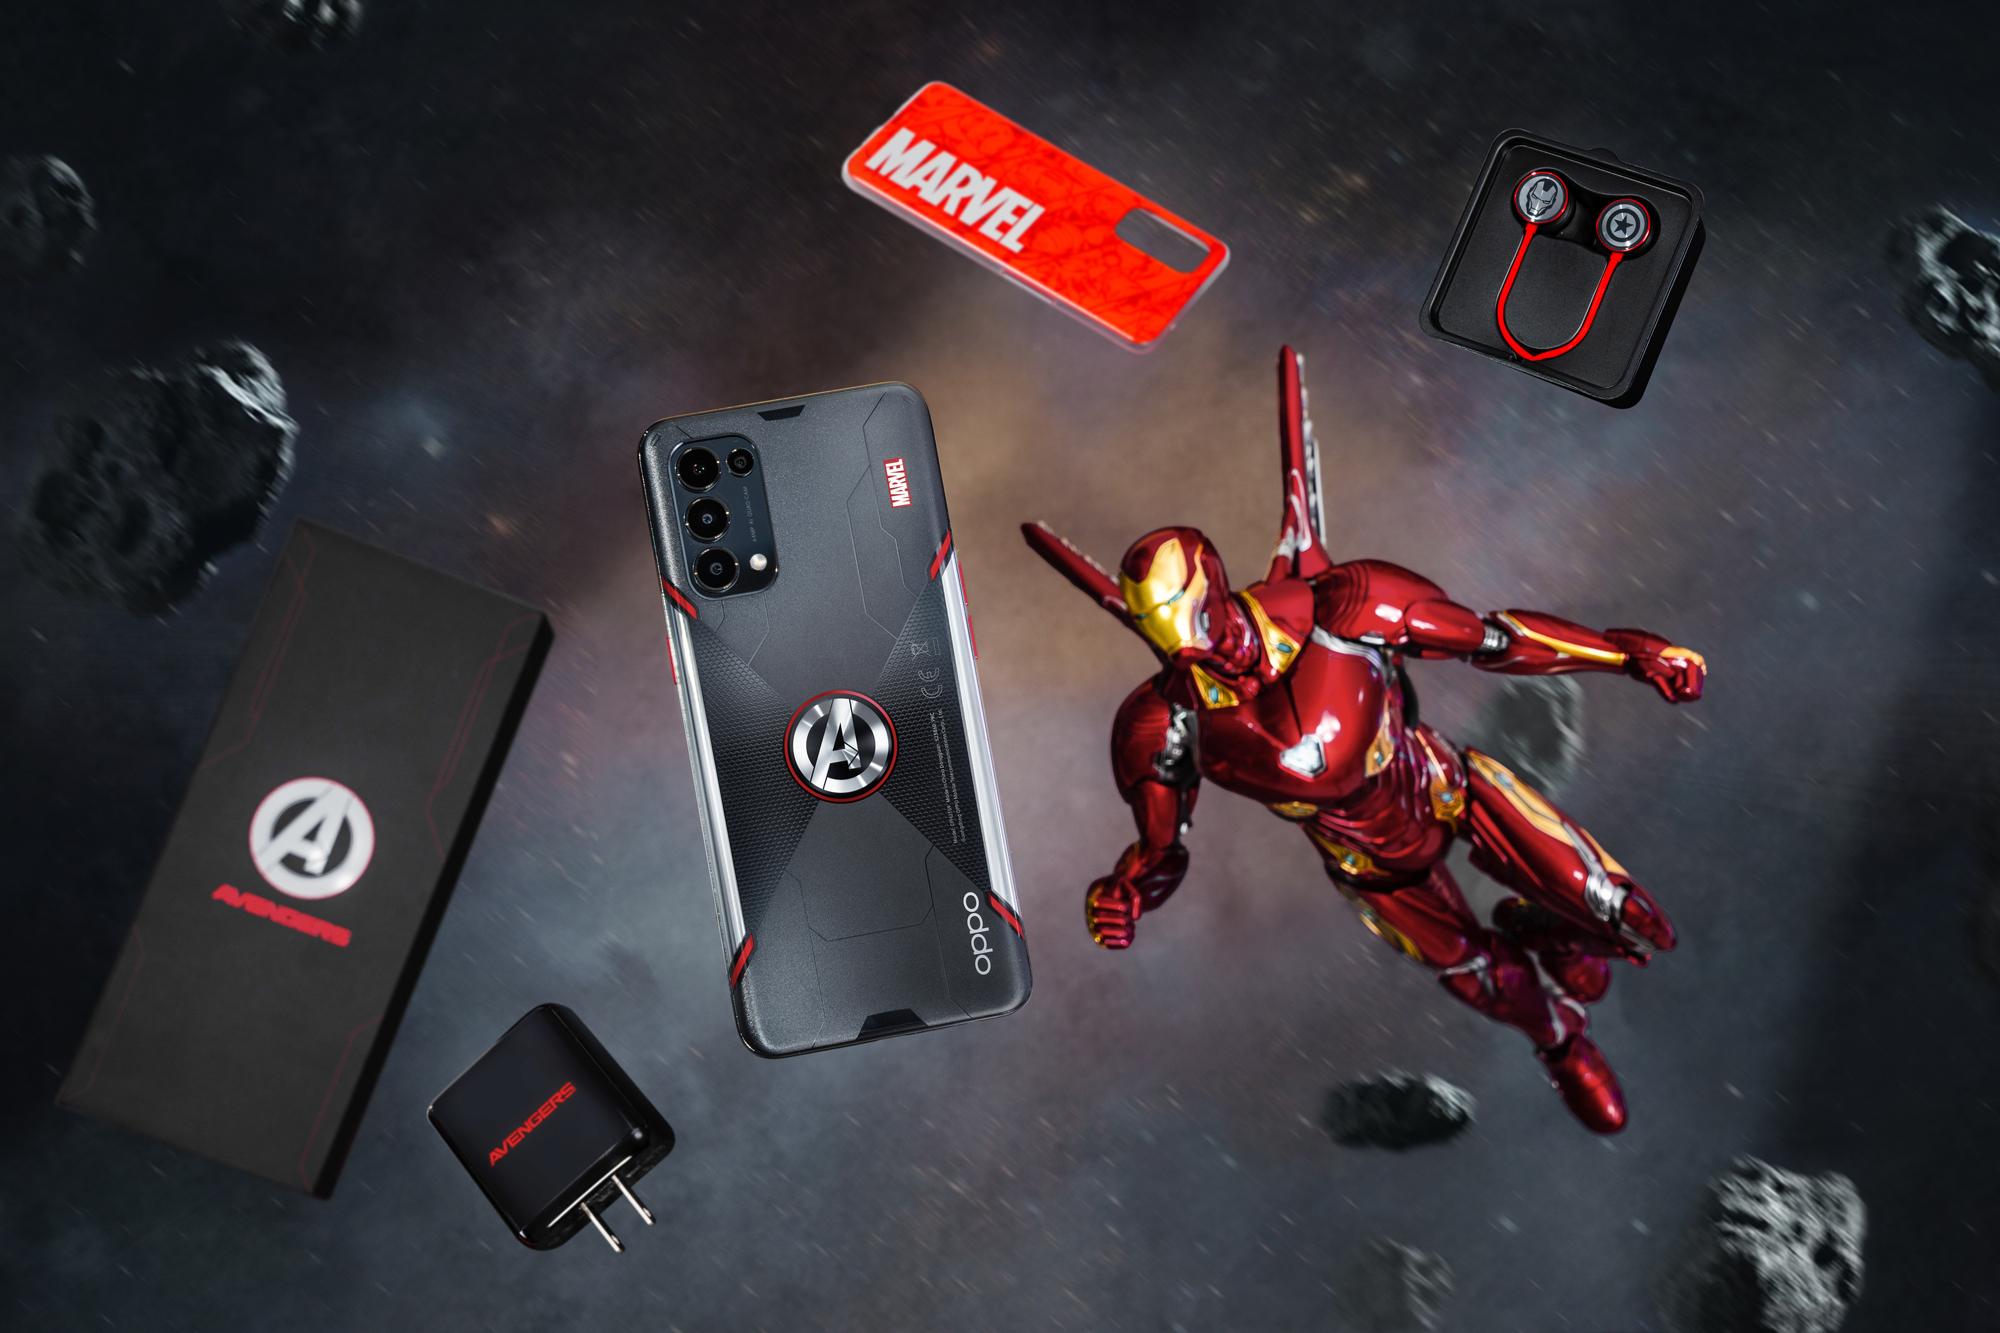 Mặt lưng của Reno5 Marvel Edition chia cắt bời hai đường chéo tạo chữ 'X'' lớn lấy cảm hứng từ biểu tượng của Black Widow.